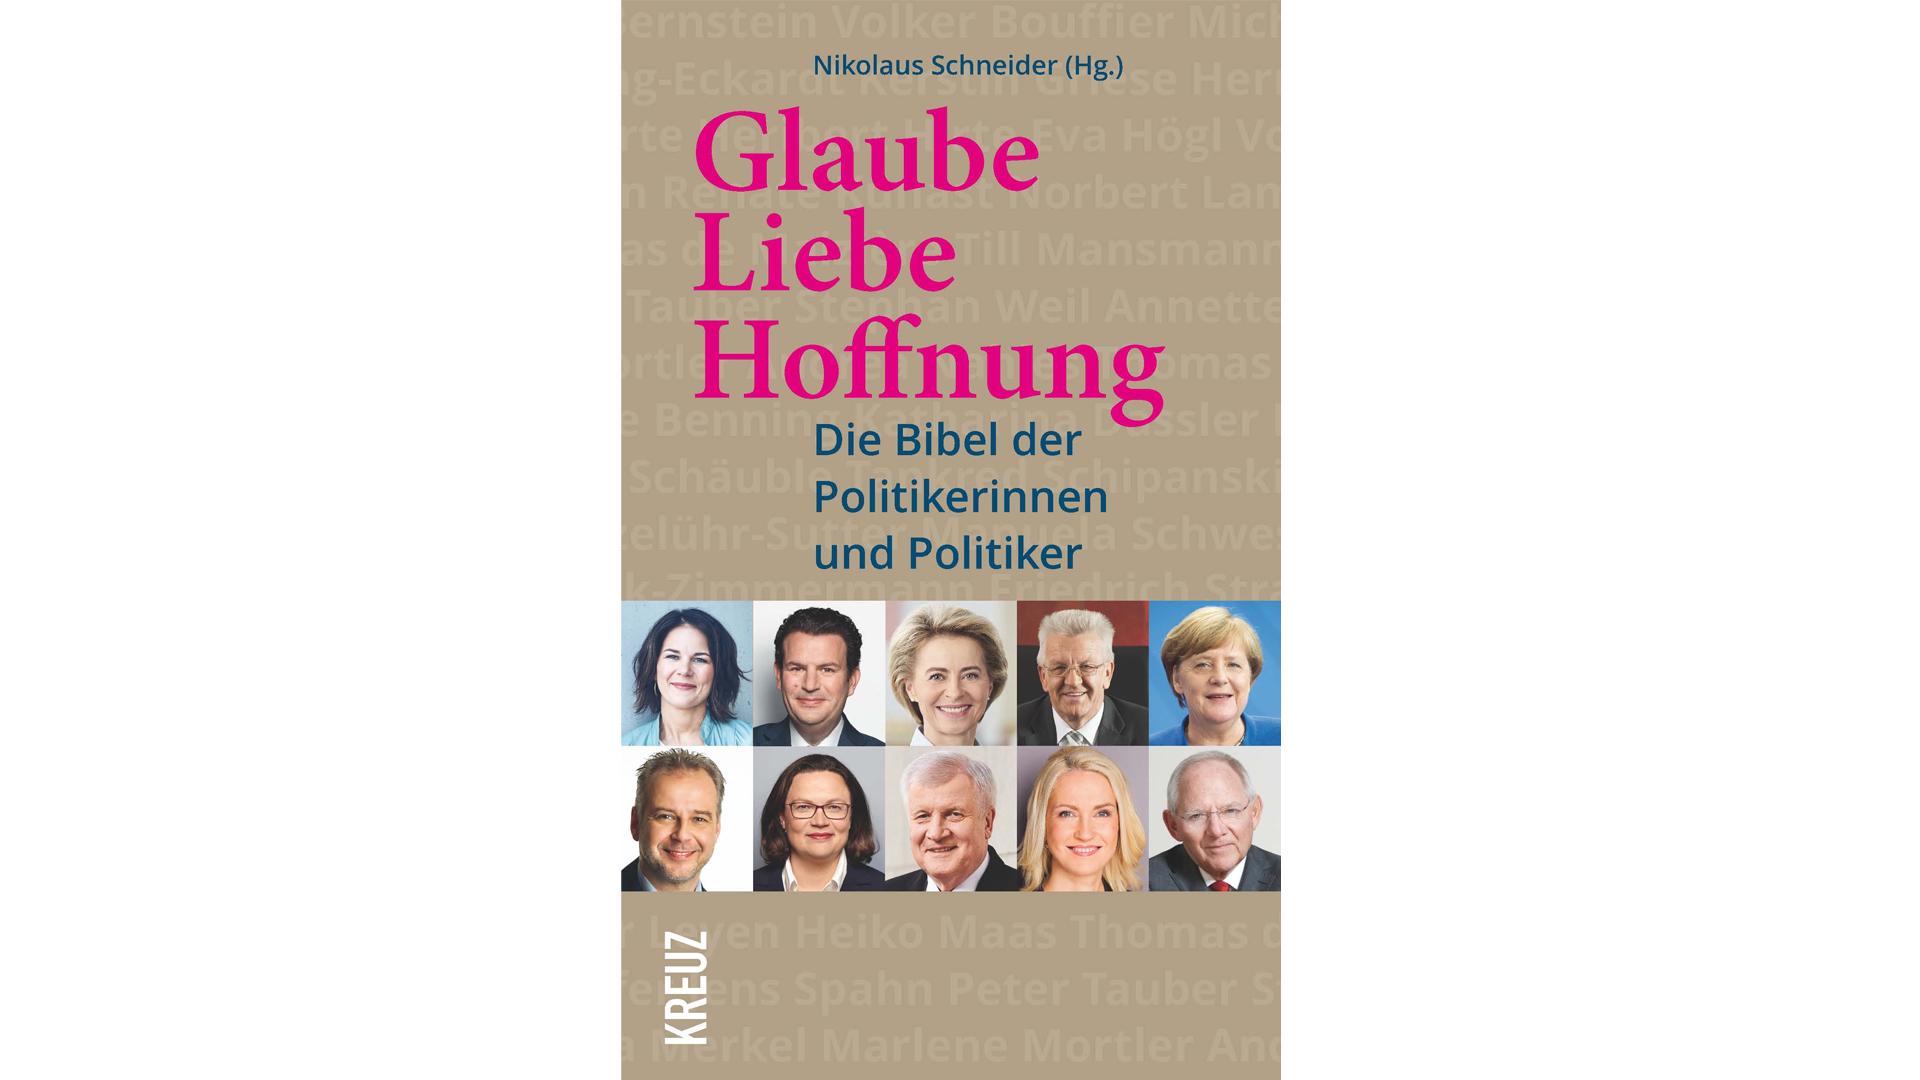 Die Bibel der Politiker ist jüngst im Kreuz-Verlag erschienen